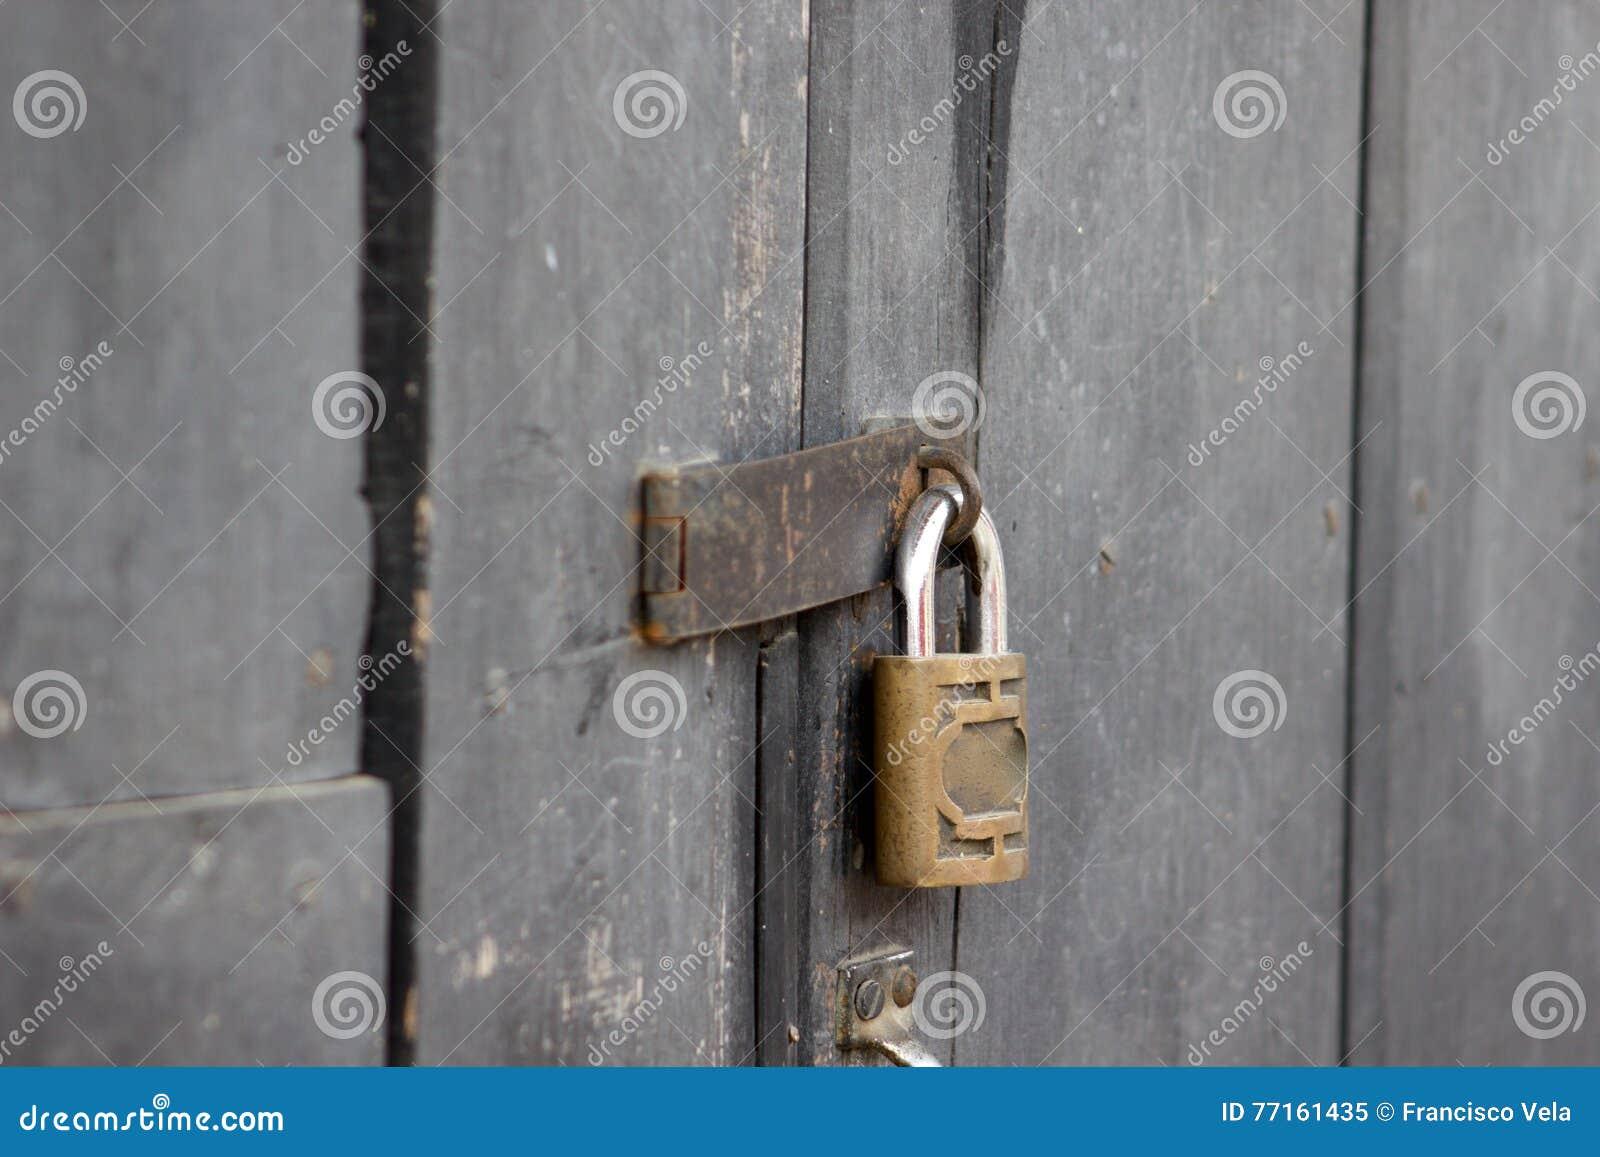 Fermez à clef sur la porte en bois